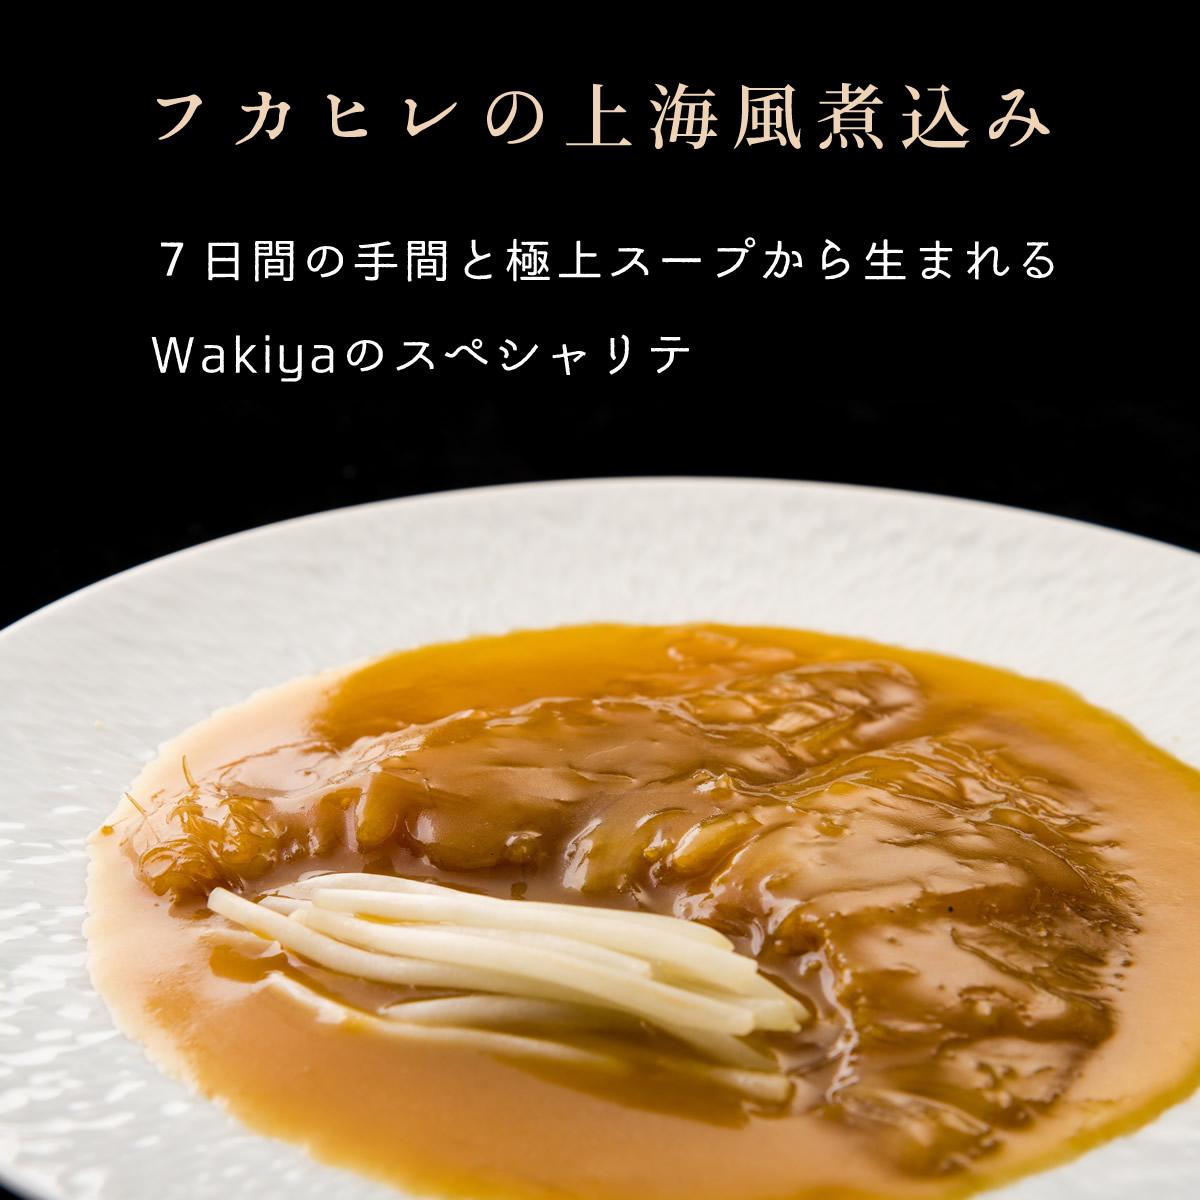 フカヒレの上海風煮込み~7日間の手間と極上スープから生まれるWakiyaのスペシャリテ。温めるだけでレストランの味を完全再現。